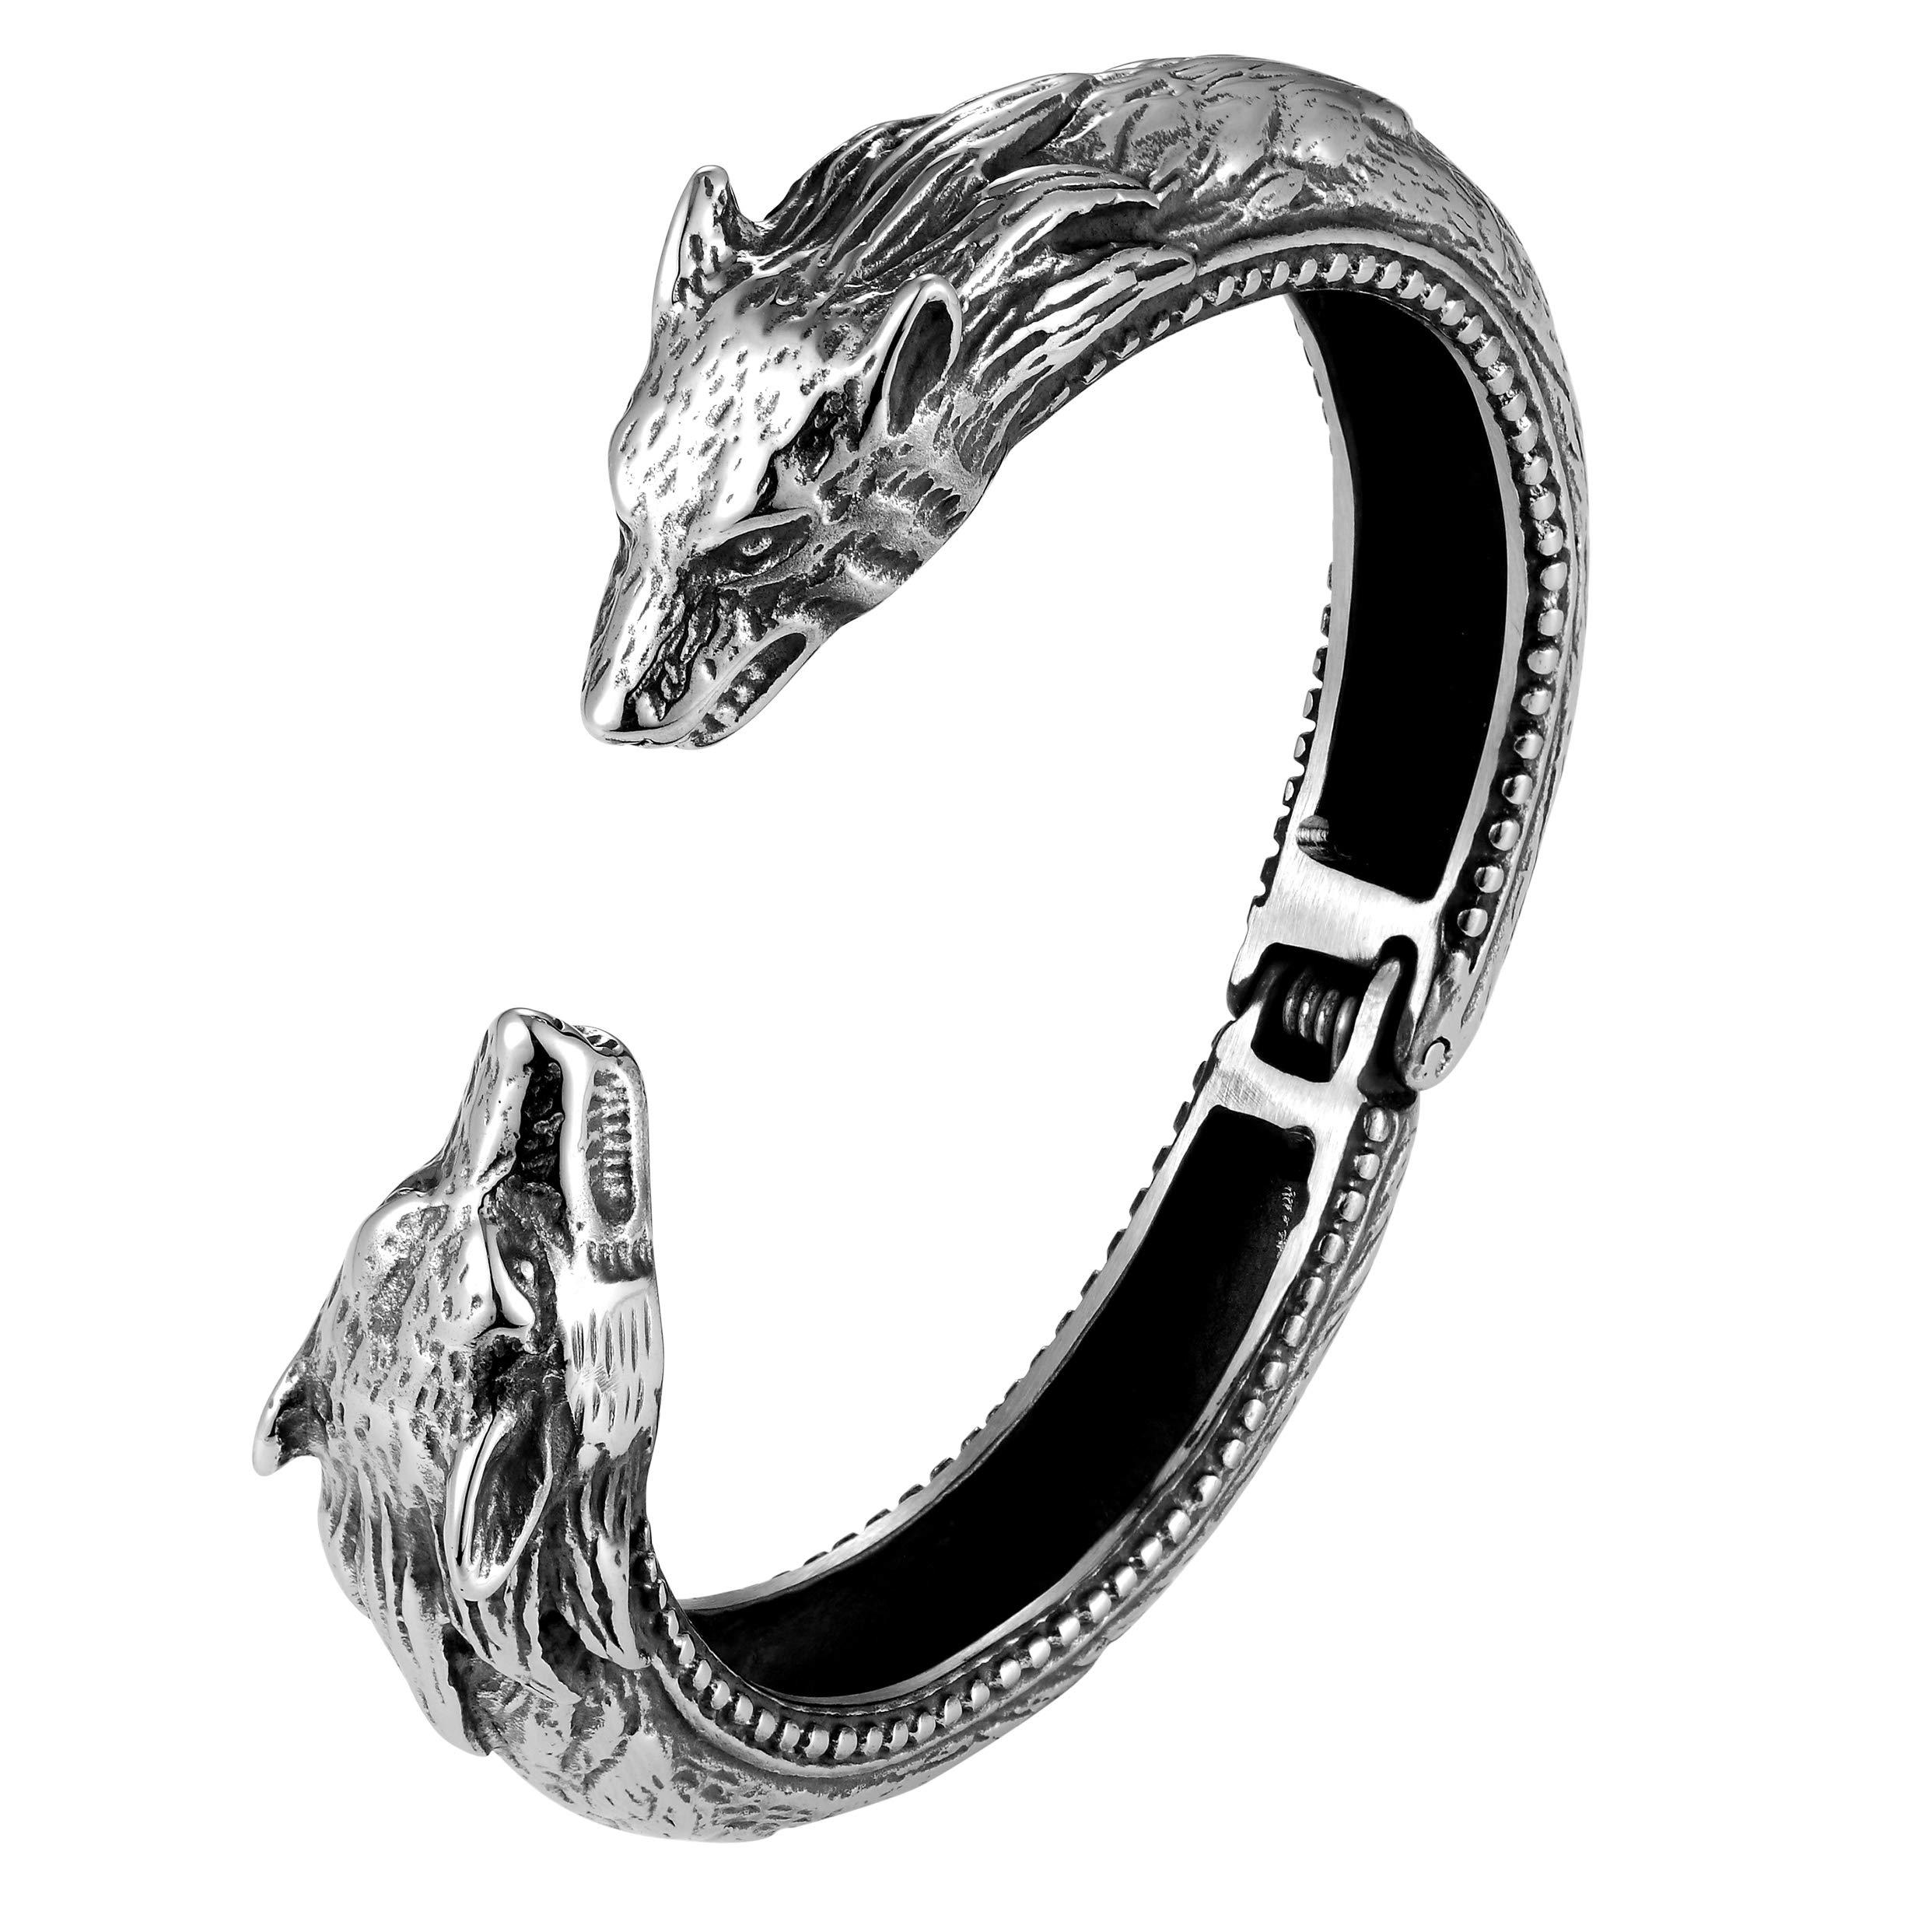 大胆なファッションのメンズブレスレット - 一緒に狼の頭飾りの飾りで研磨シルバー仕上げリング、 - ステンレス鋼のさびや変色によって - メンズジュエリーの贈り物やアクセサリー